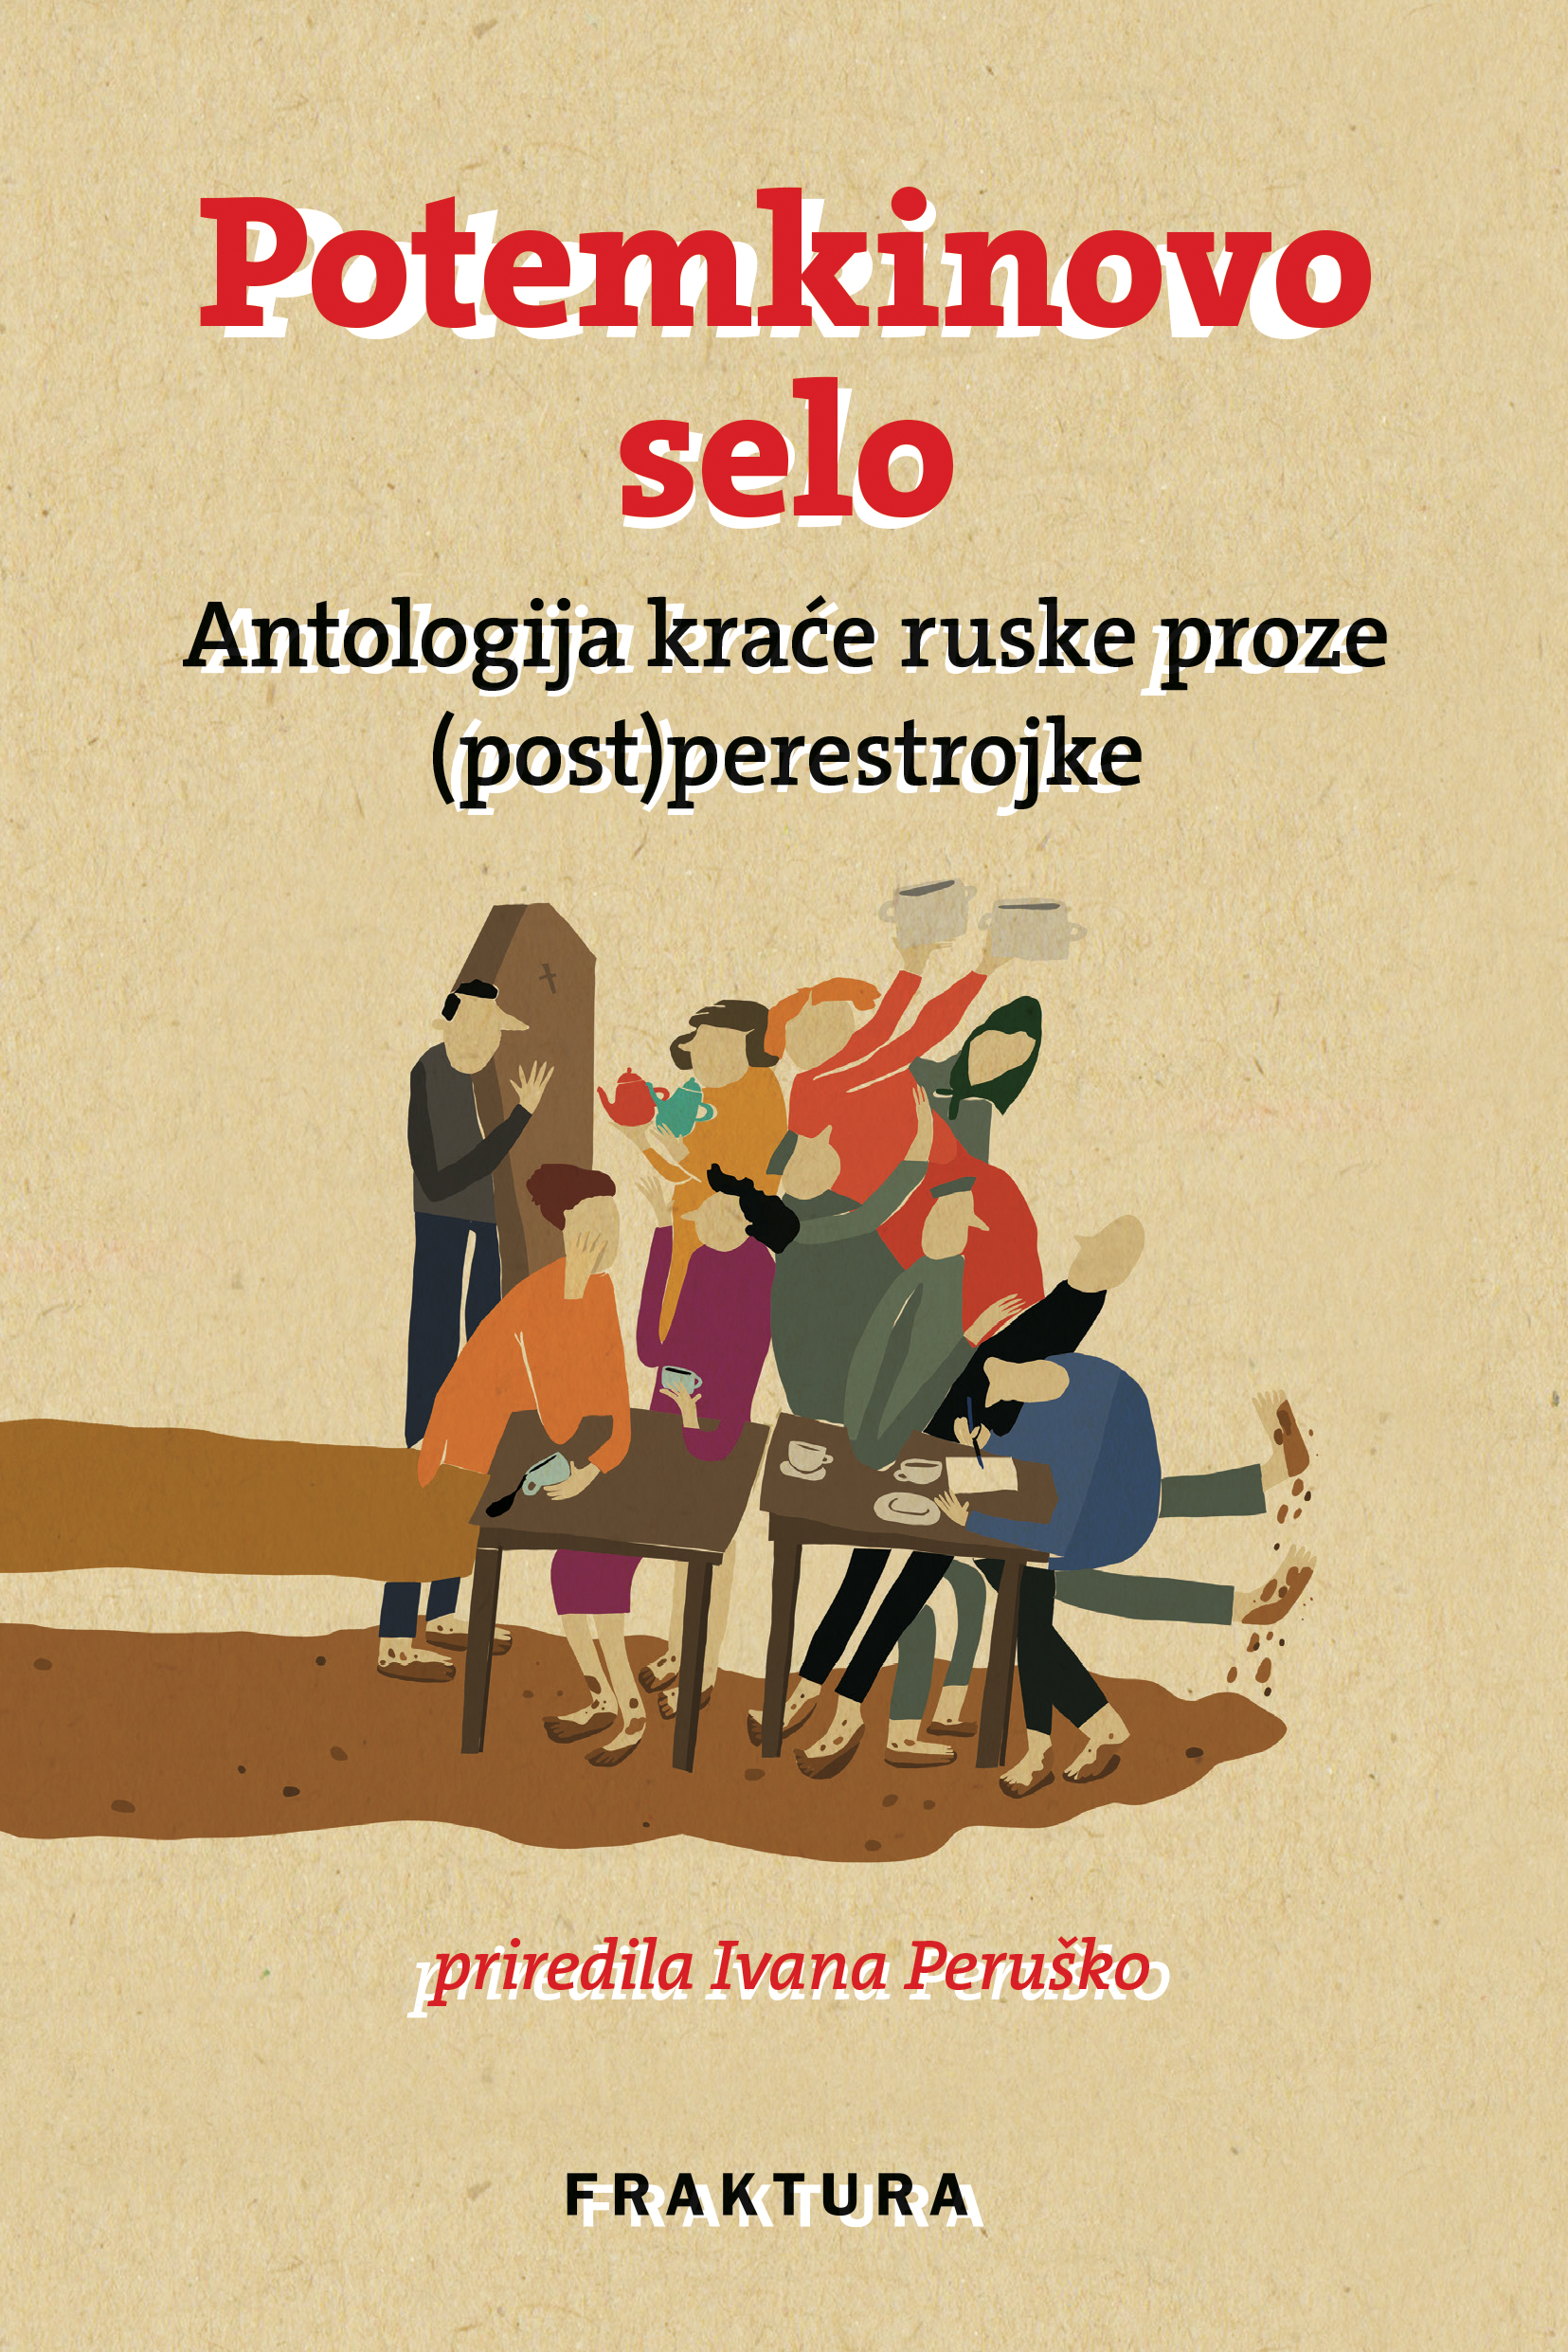 Hrvatska lijepa knjiga